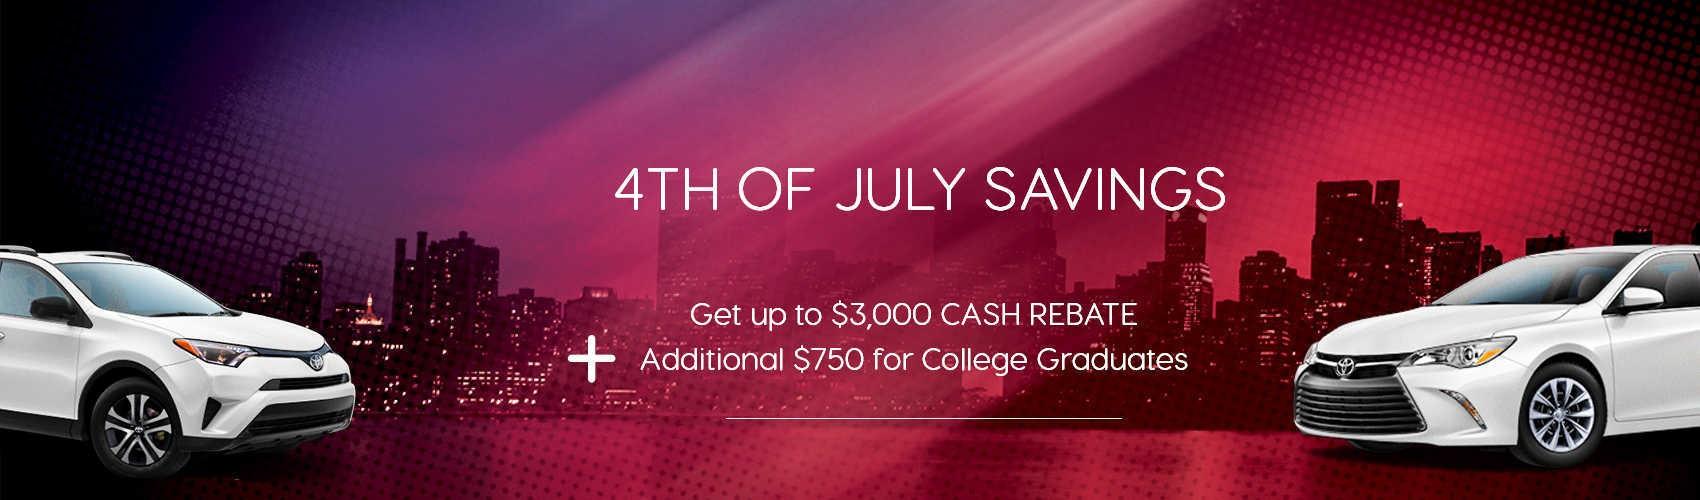 4th of july savings at beaverton toyota. Get up to $3000 rebates